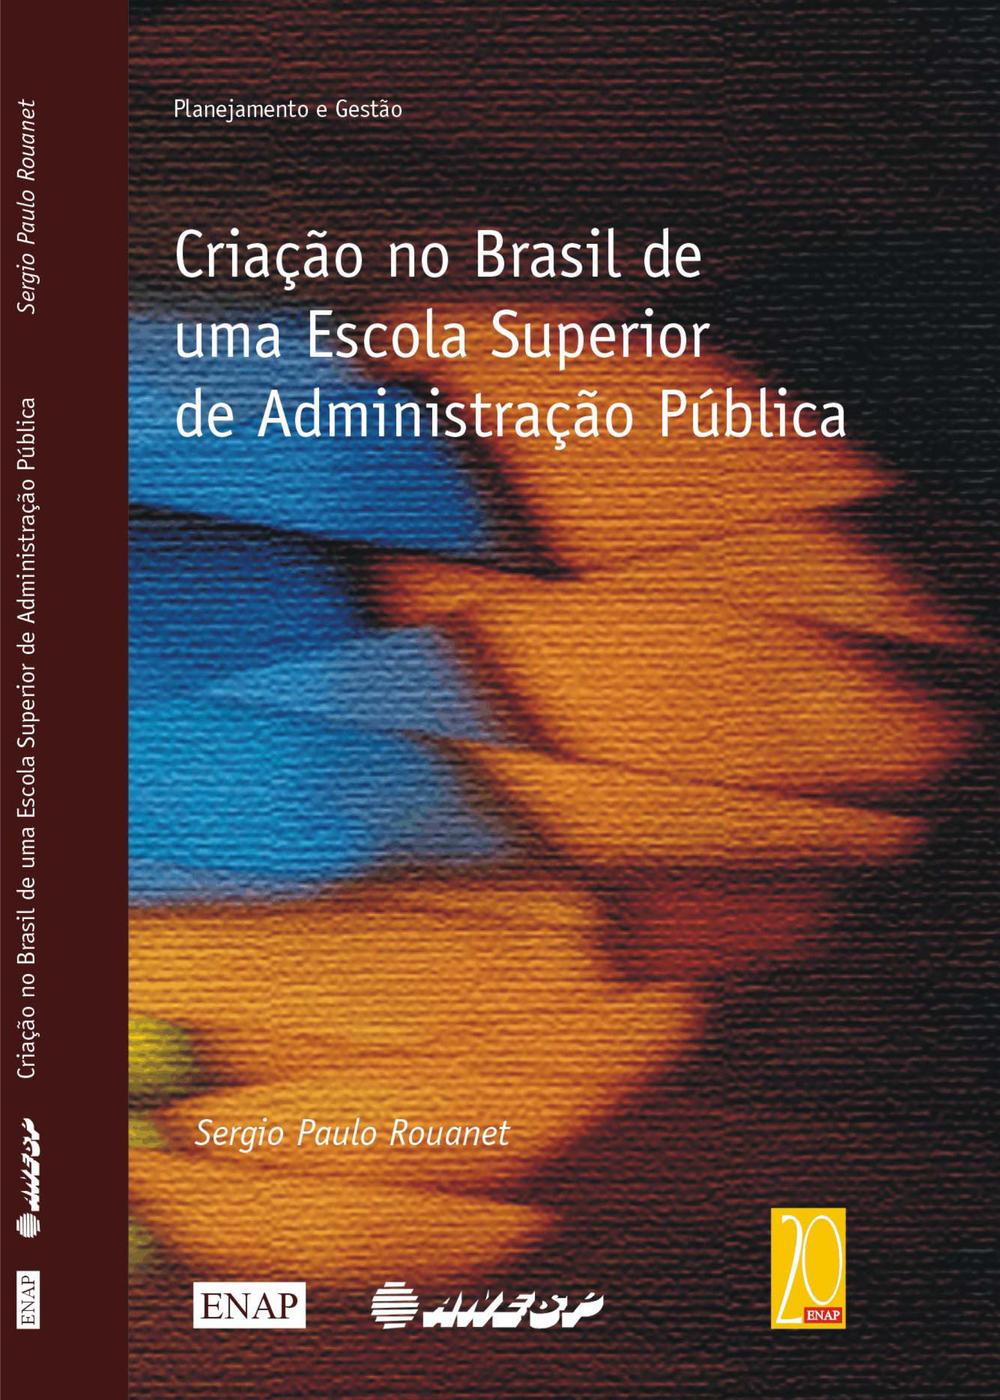 Sergio Paulo Rouanet - Criação no Brasil de uma Escola Superior de Administração Público-1.jpg